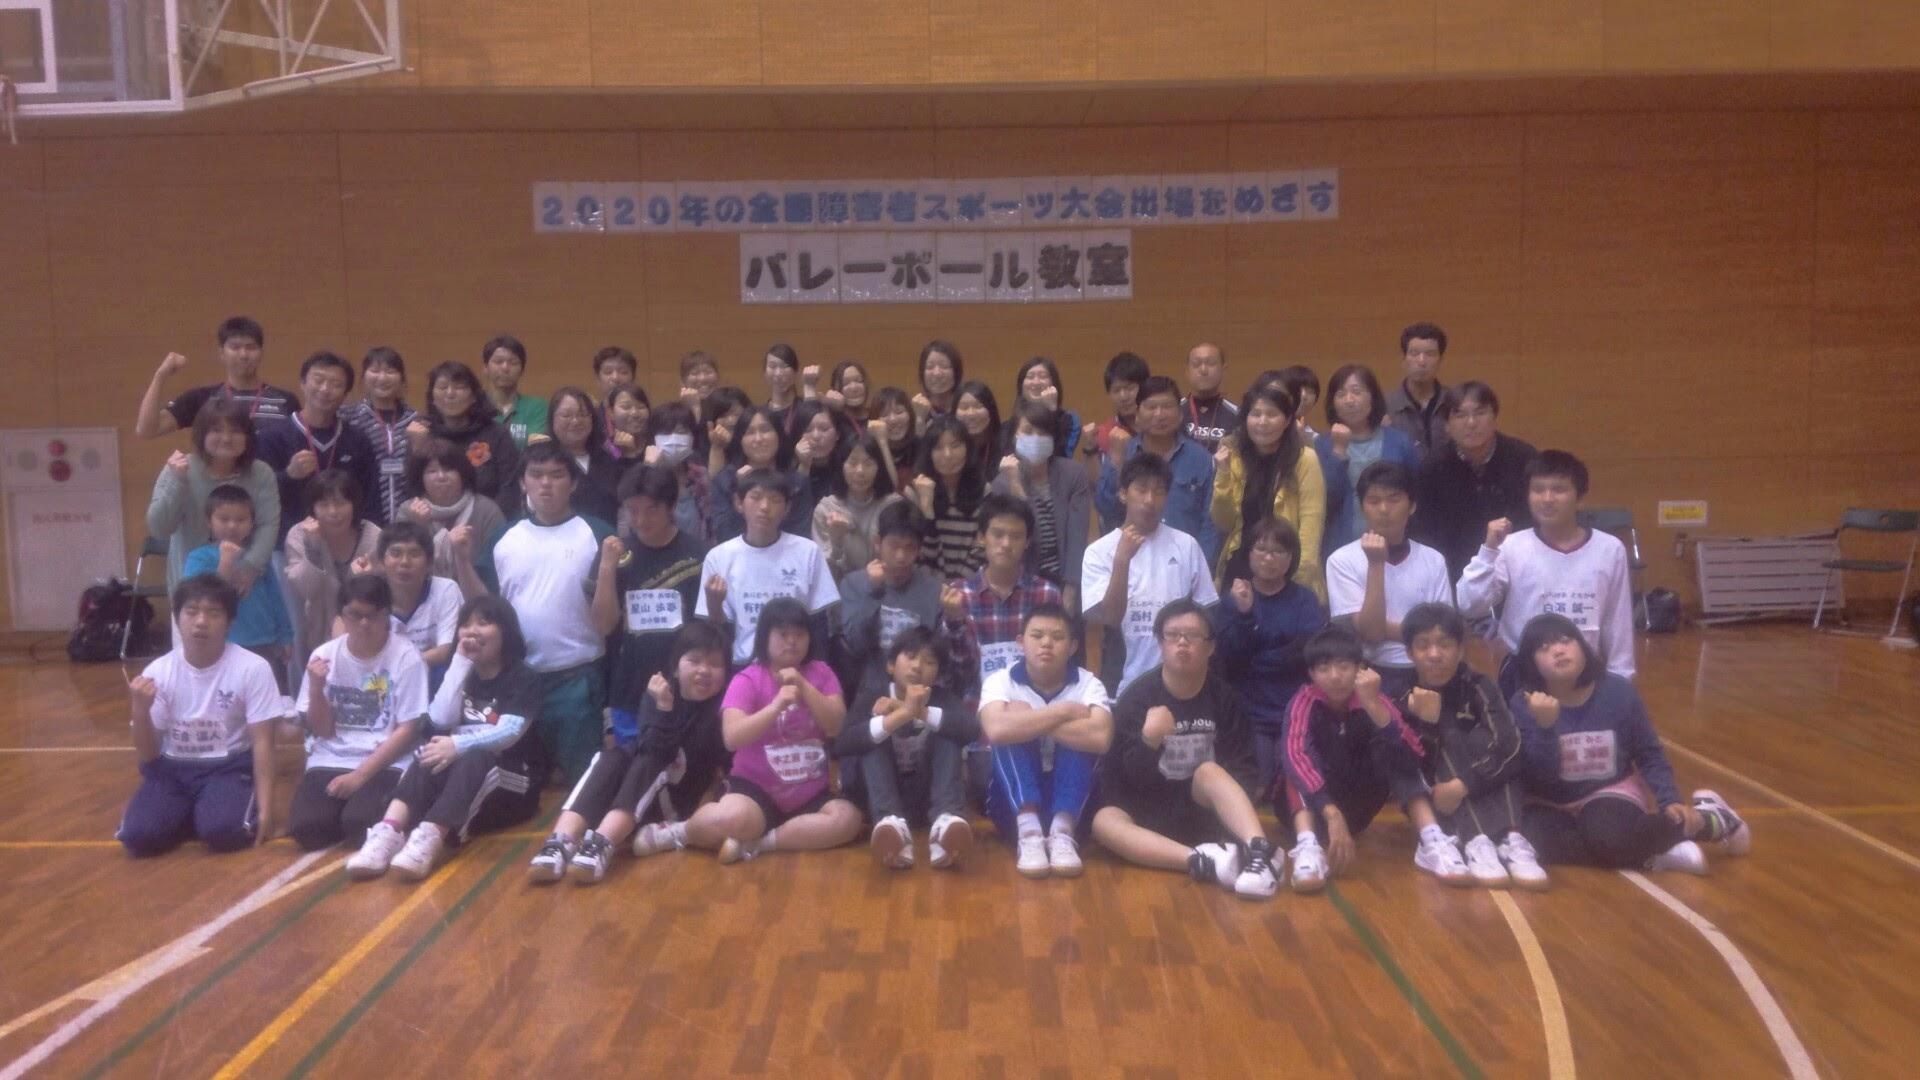 平成27年度知的障害者バレーボール教室終了について!